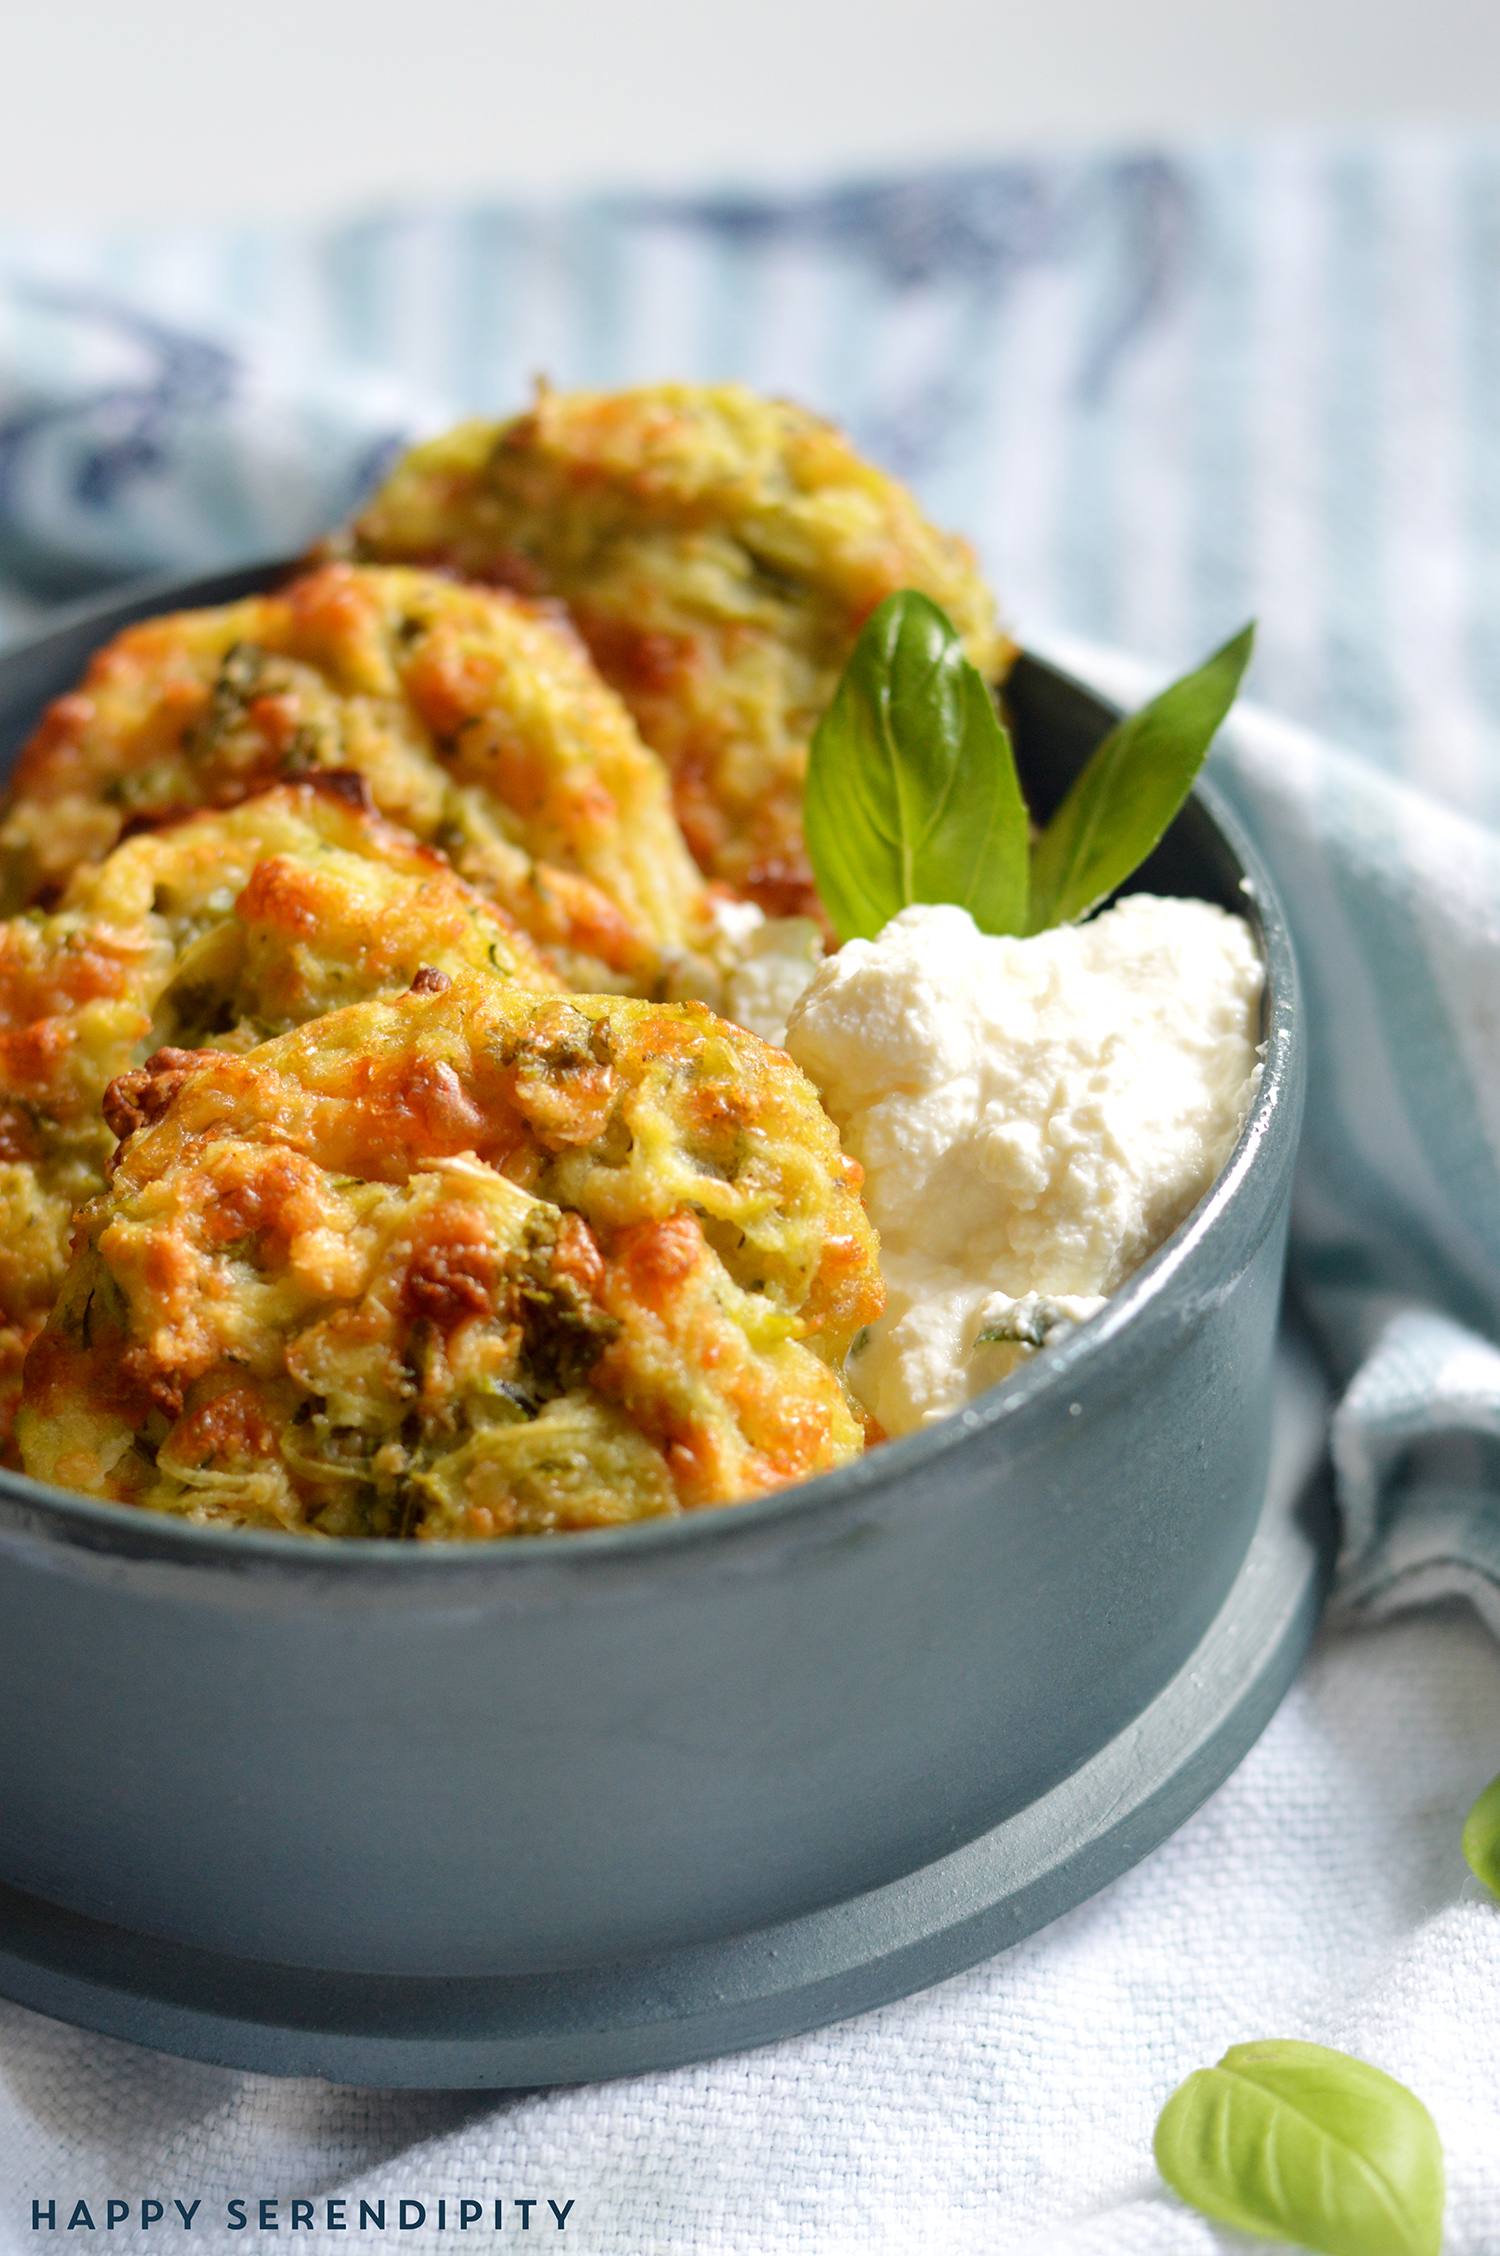 zucchinipuffer aus dem ofen sind super schnell gemacht und man hat keinerlei sauerei in der küche, ein rezept von happy serendipity